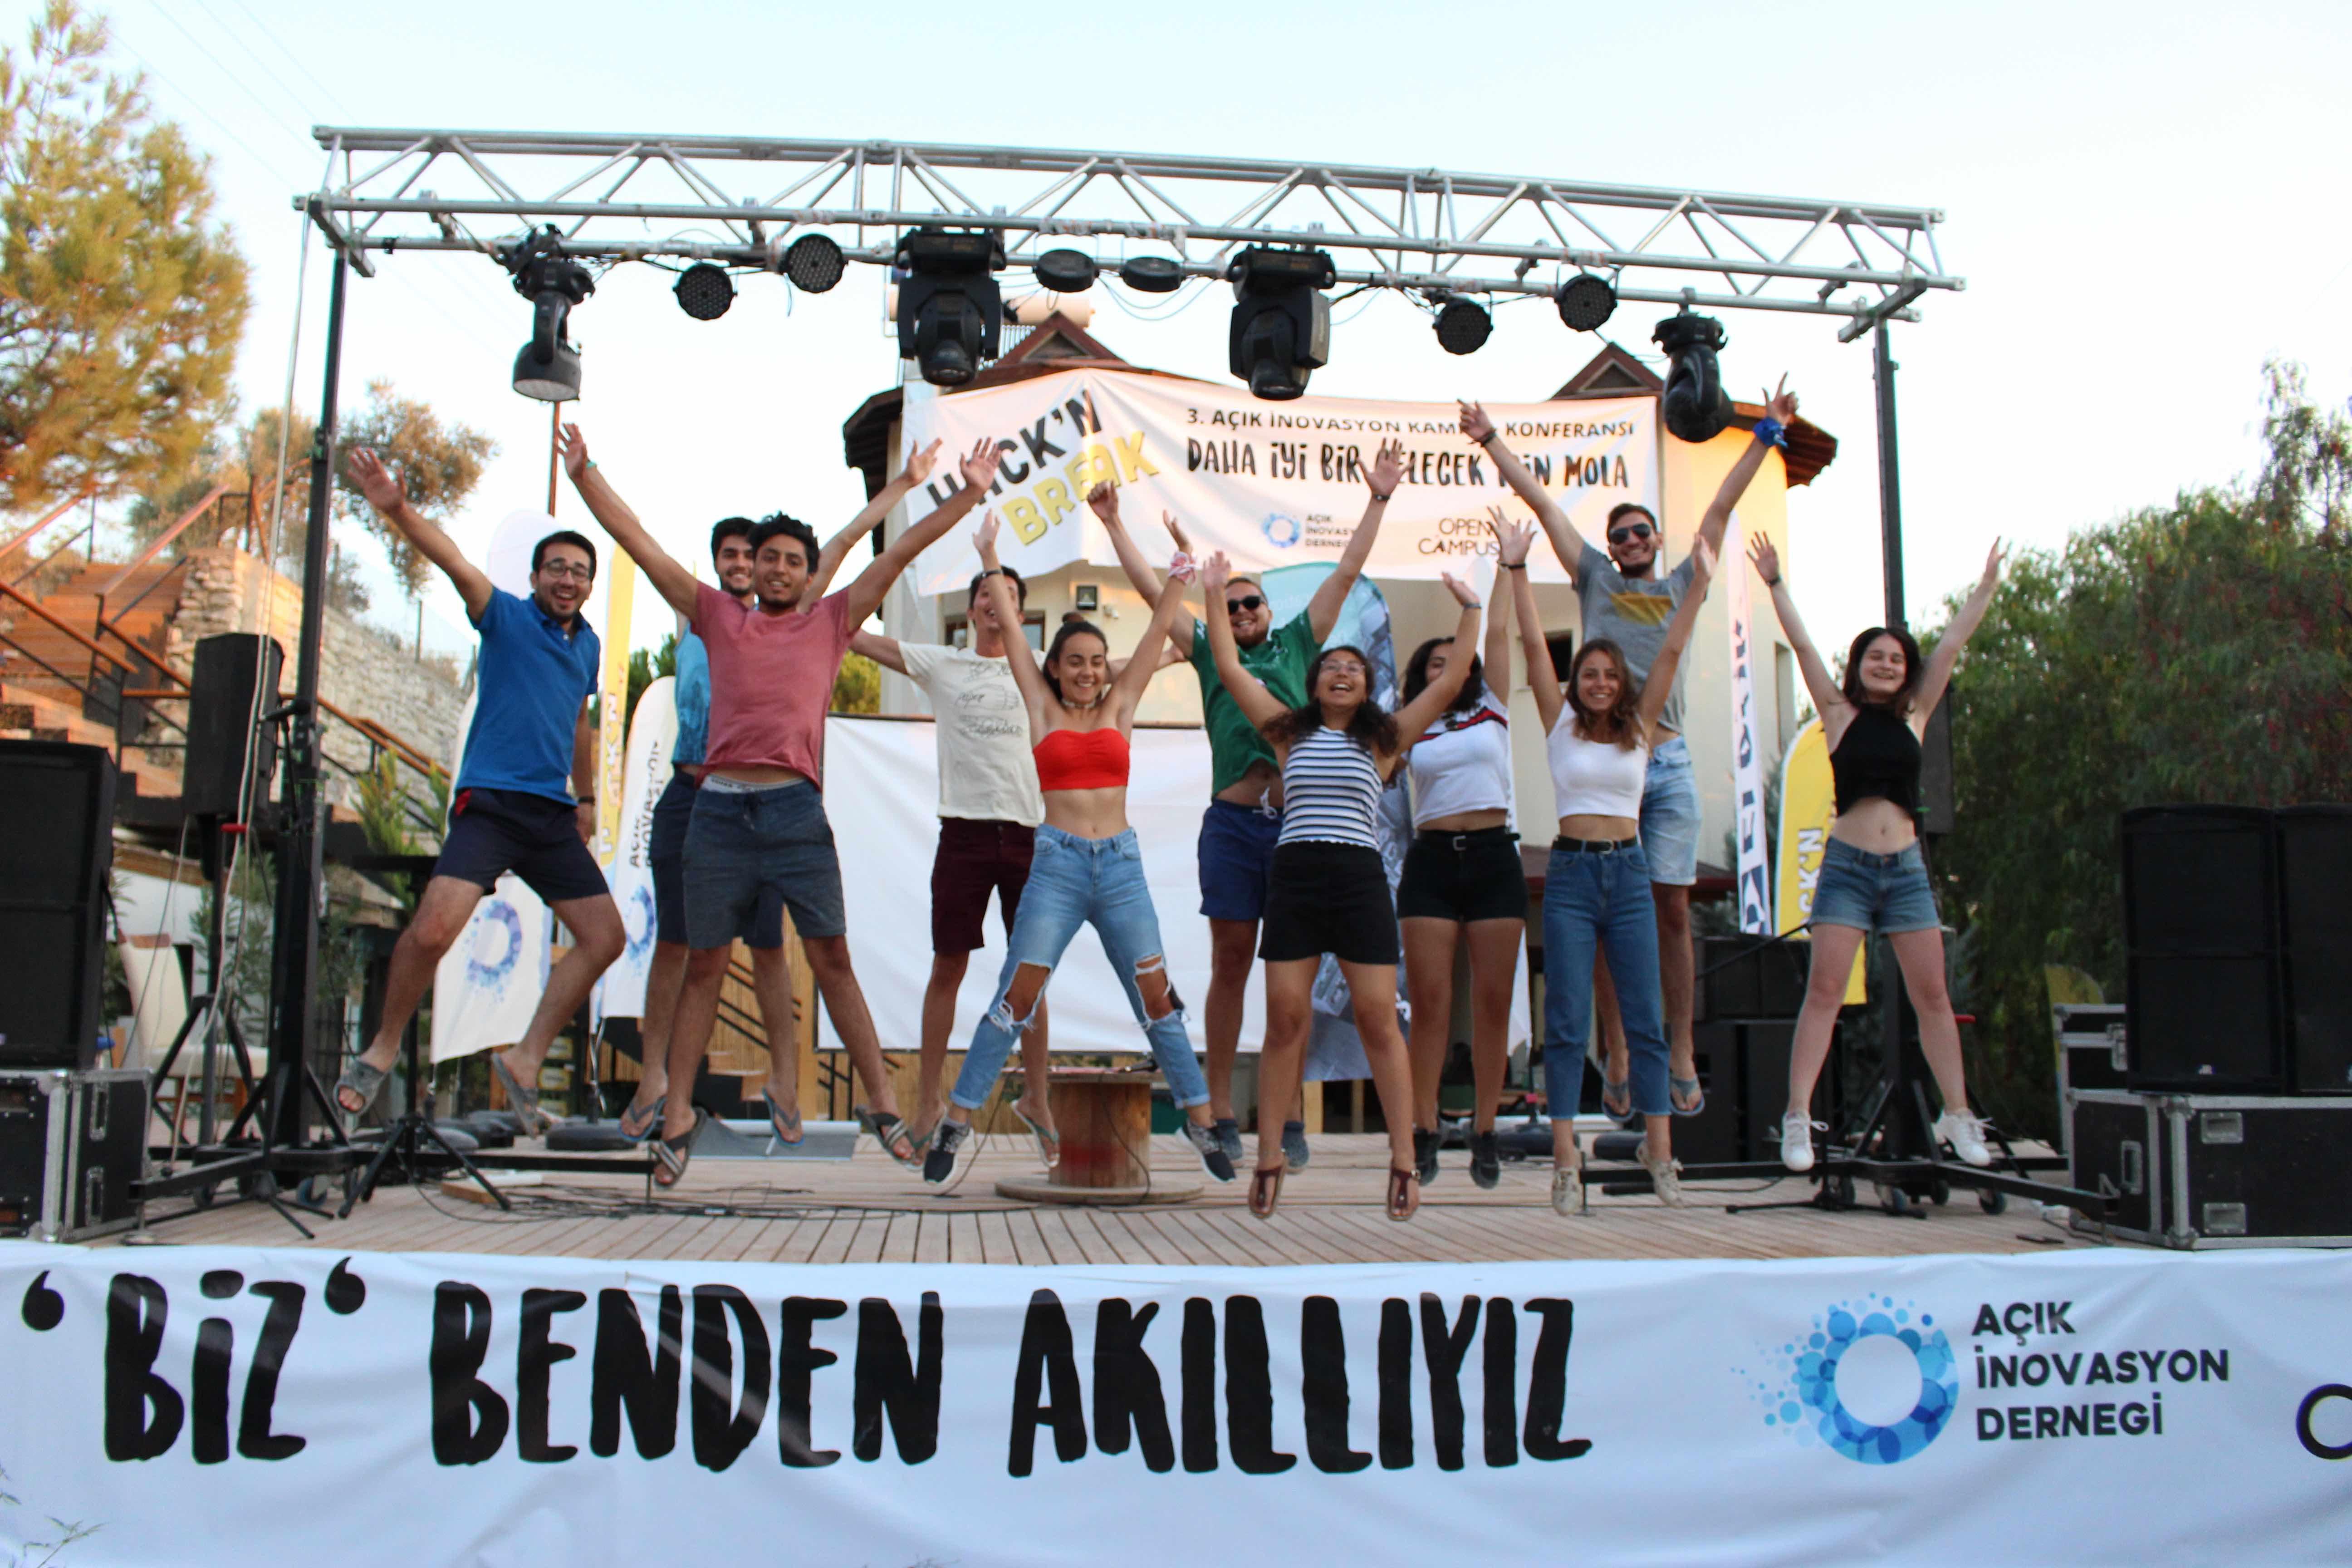 4. HacknBreak: Açık İnovasyon Kampı 24 Ağustos - 1 Eylül tarihlerinde Urla'da Gerçekleşiyor!